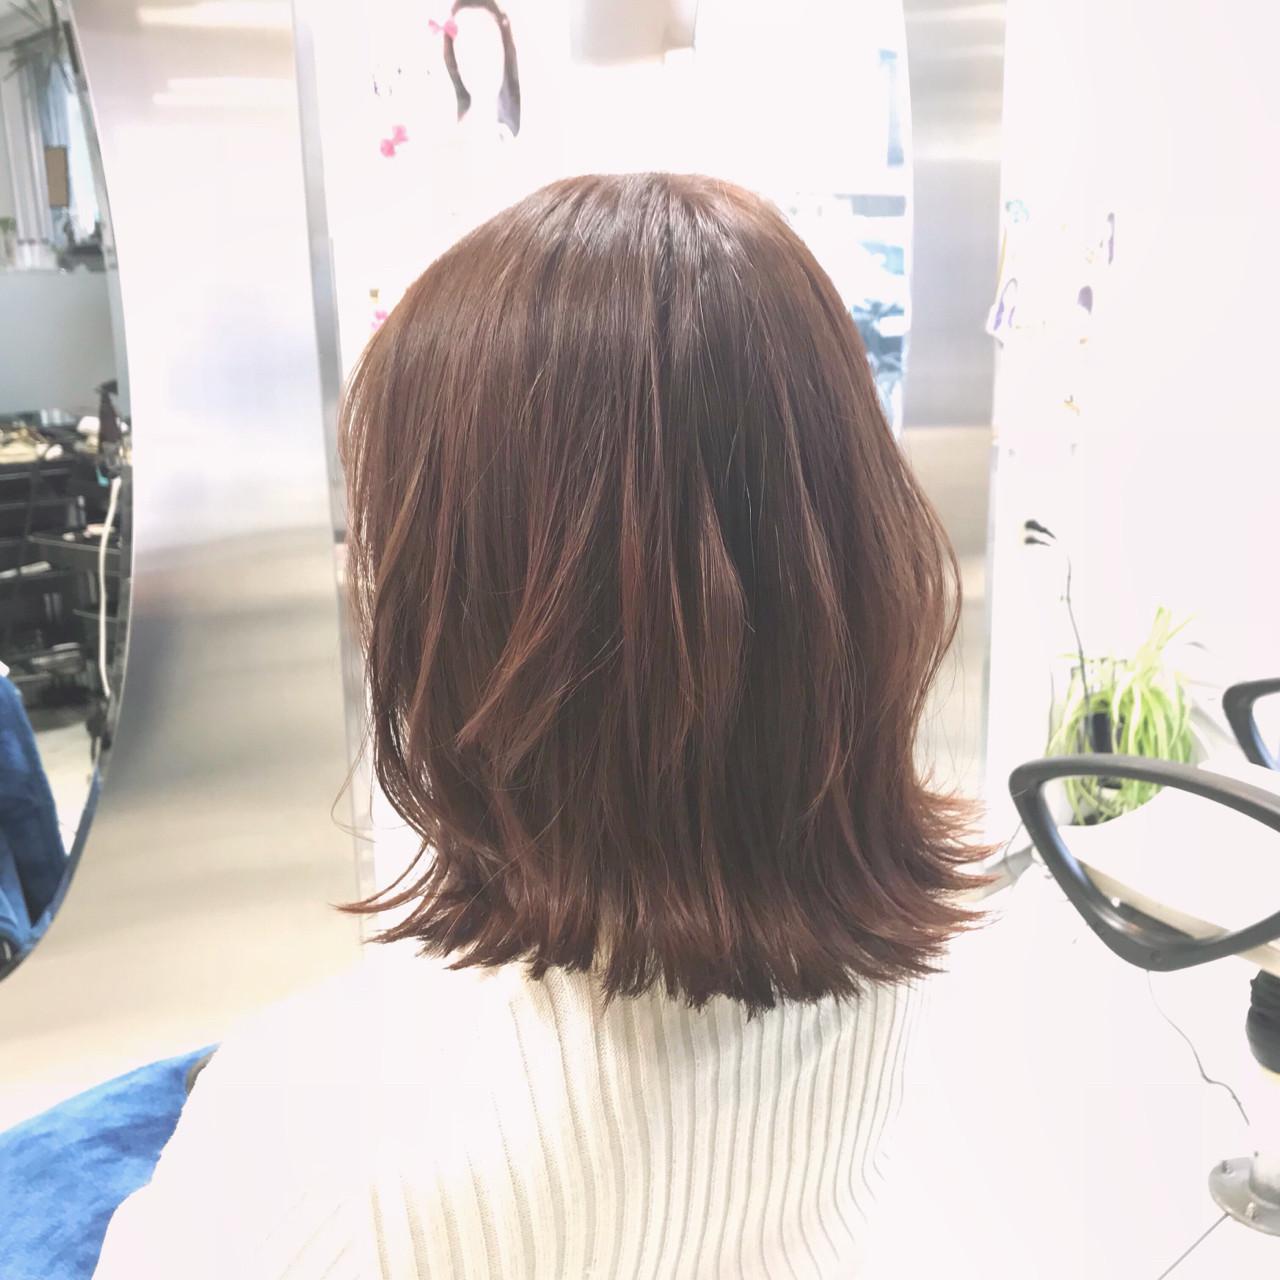 春 ミディアム 透明感 コーラル ヘアスタイルや髪型の写真・画像 | 村西 郁人 / rue